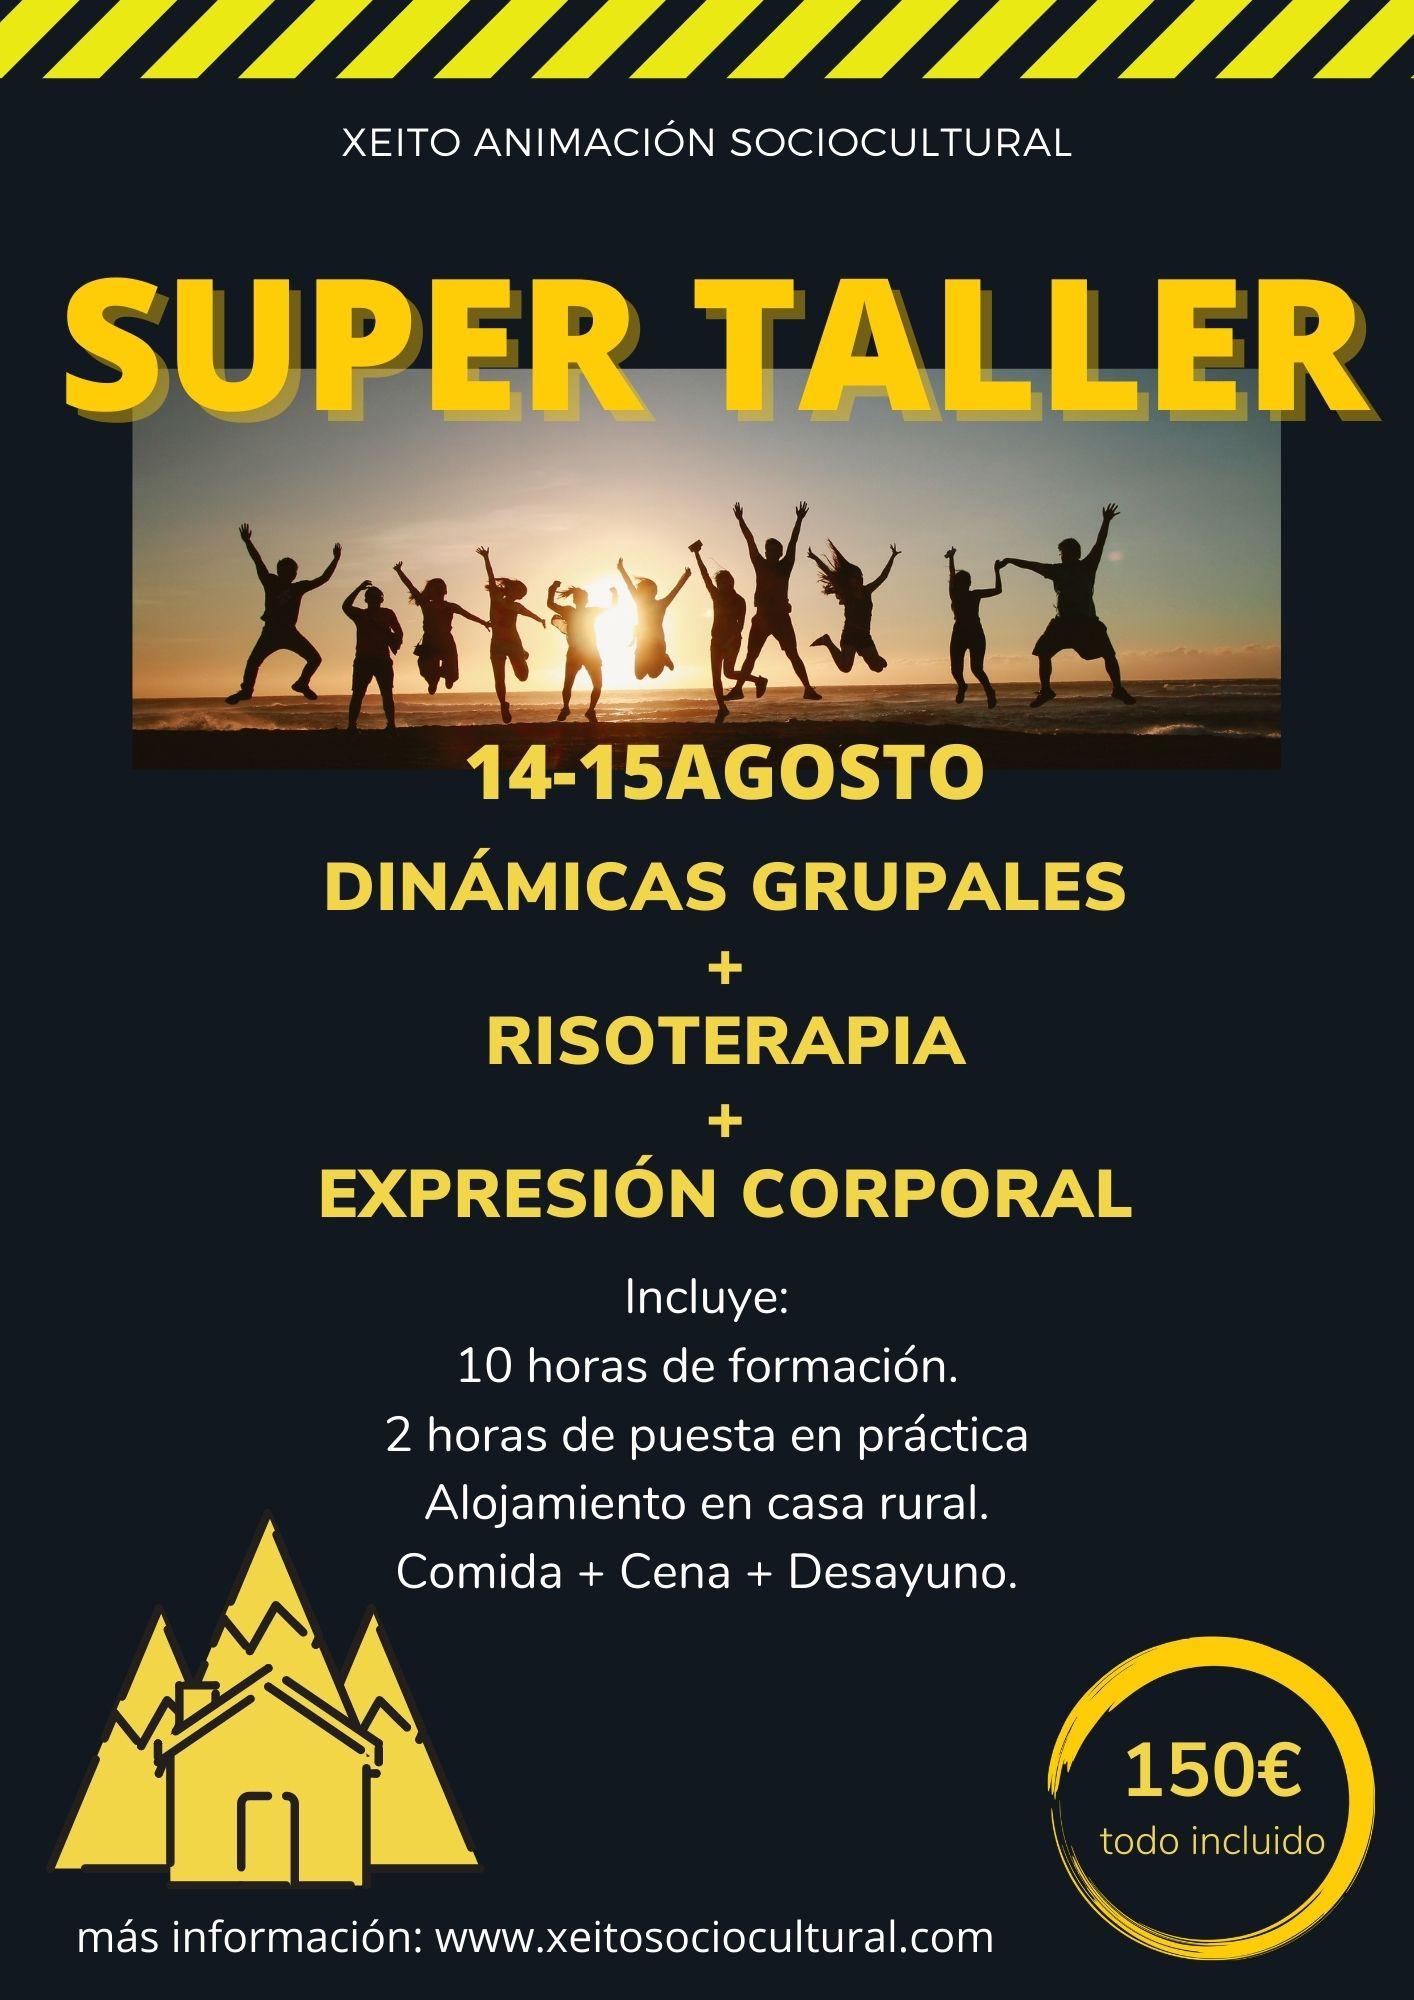 Super Taller Agosto 2021